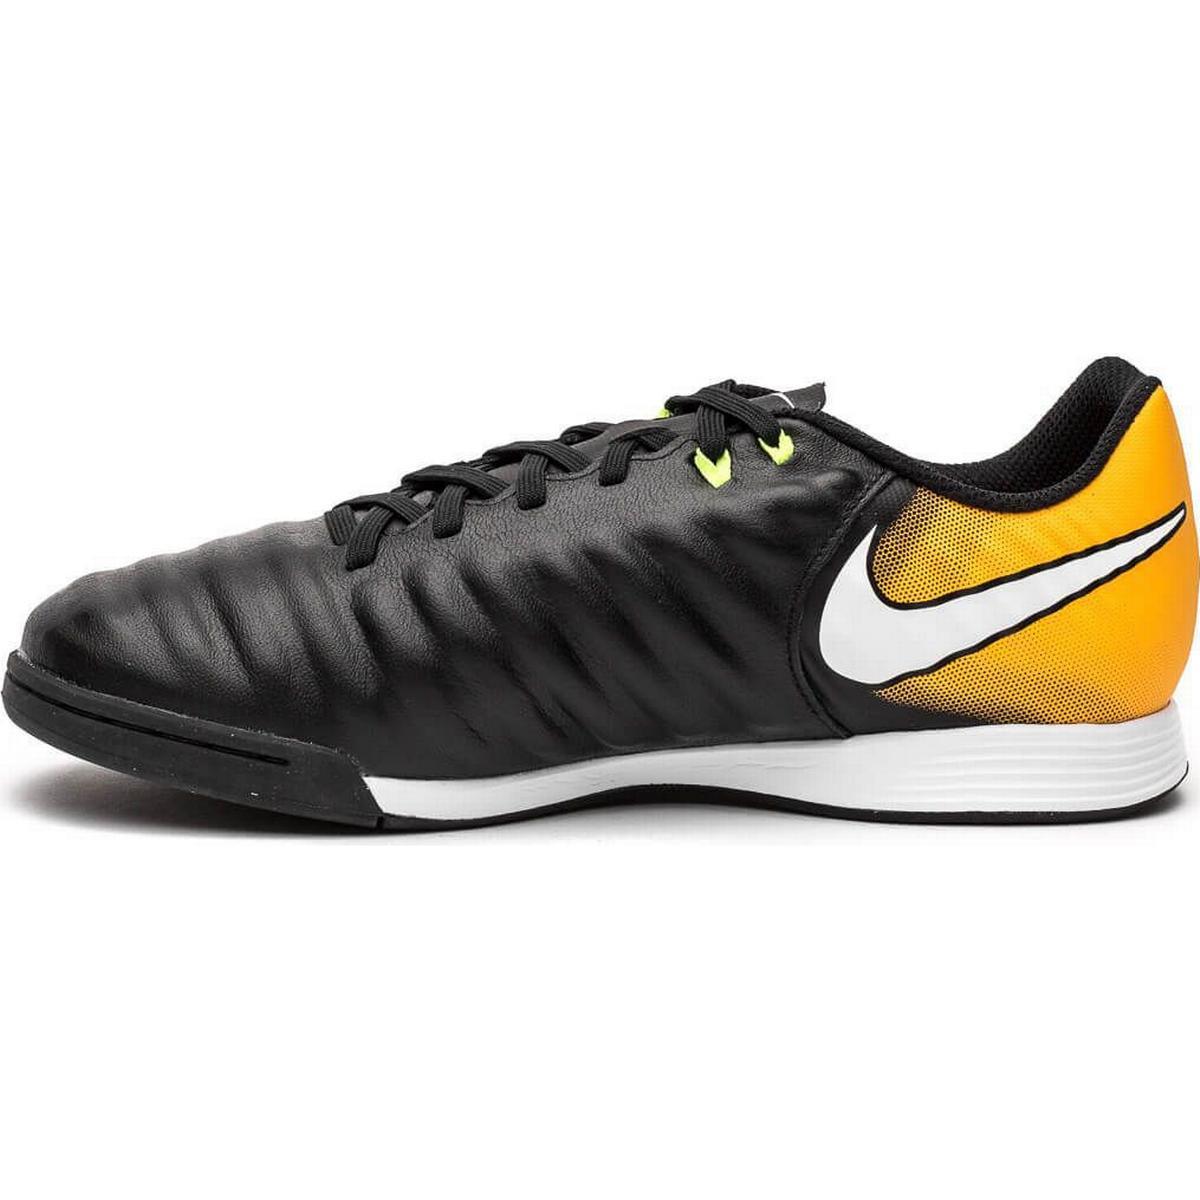 2fdce65d69e3 Fodboldstøvler Børnesko - Sammenlign priser hos PriceRunner